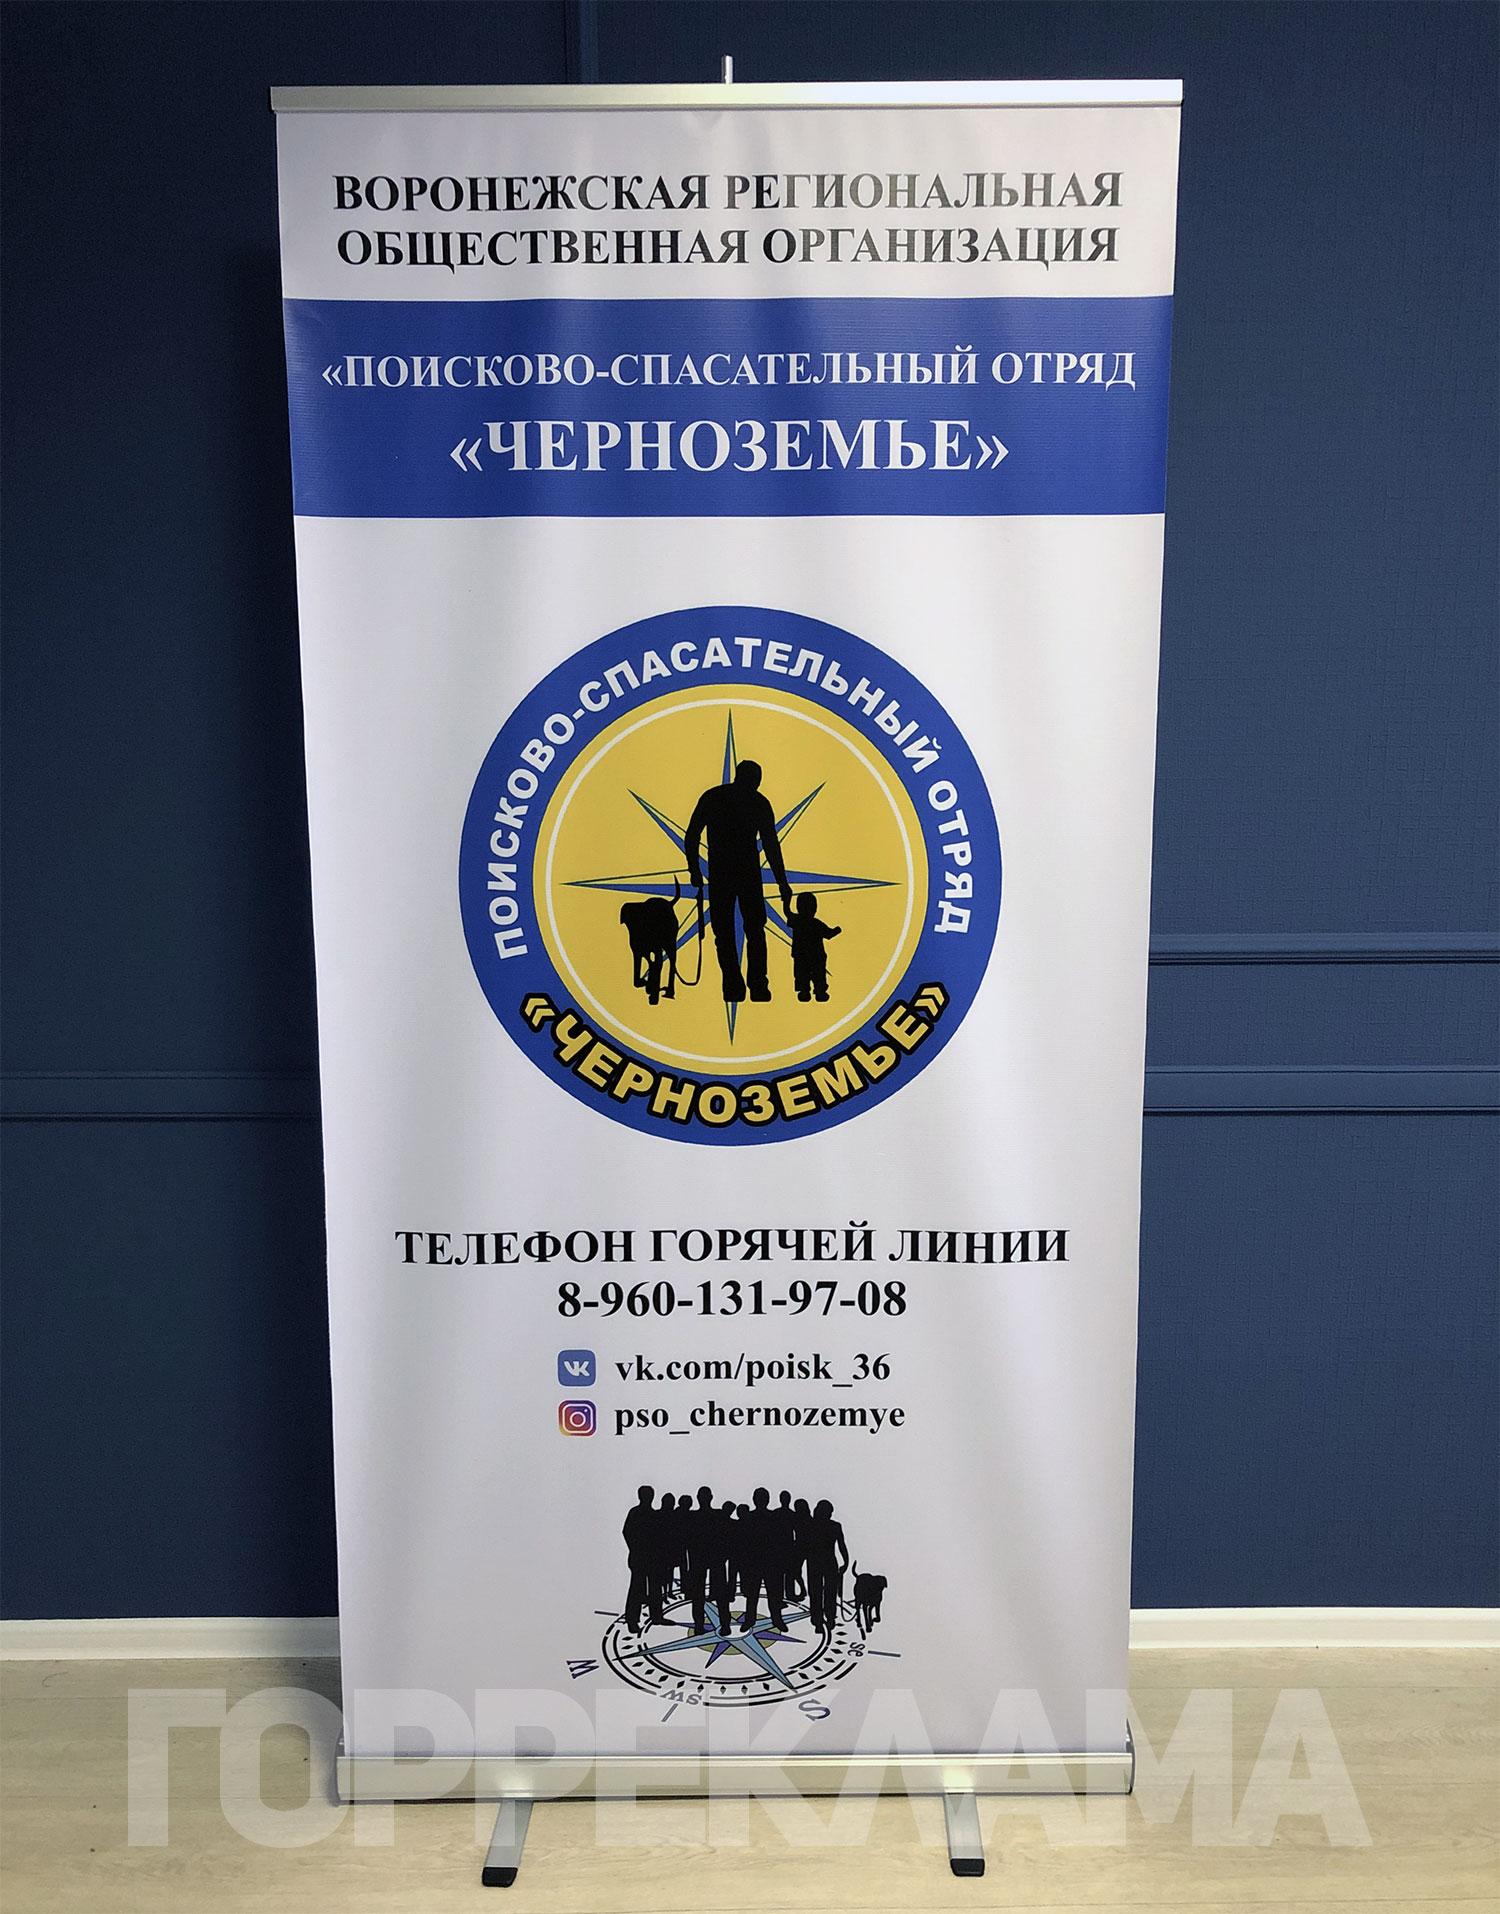 ролл-ап-стенд-для-ПСО-ЧЕРНОЗЕМЬЕ-Воронеж